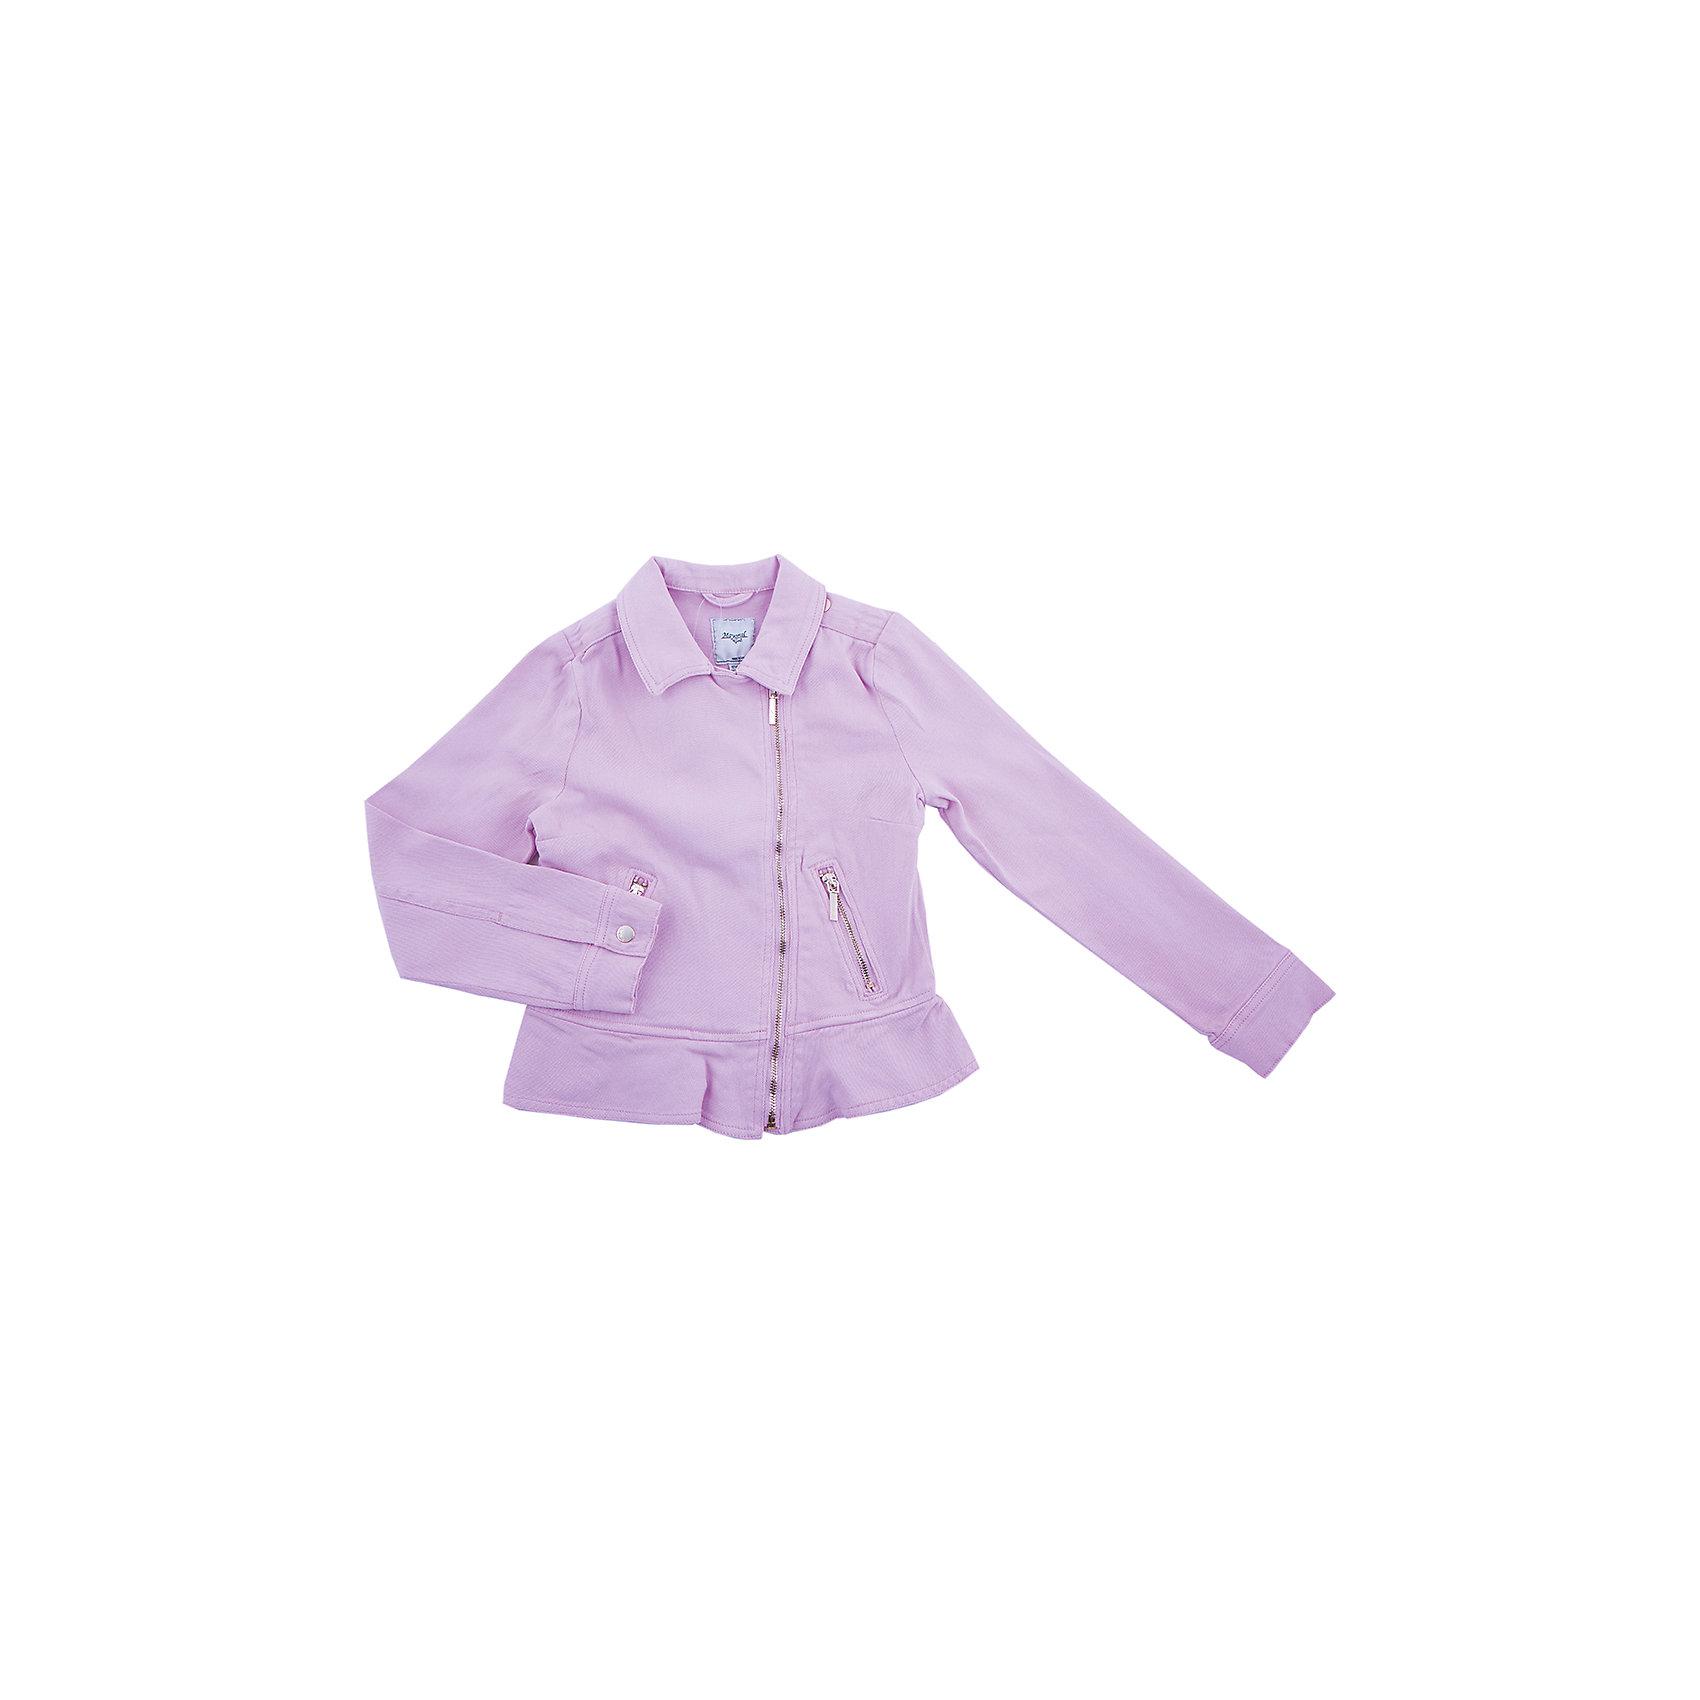 Куртка для девочки MayoralКуртка для девочки от популярной испанской марки Mayoral.<br><br>Удобная куртка от известного испанского бренда Mayoral – отличный вариант универсальной верхней одежды. Комфортный крой и качественный материал обеспечит комфорт при ношении этой вещи. Натуральный хлопок в составе изделия делает его дышащим и мягким.<br>Модель имеет следующие особенности:<br><br>- натуральная хлопковая ткань сиреневого цвета;<br>- удобные функциональные карманы на молнии;<br>- оригинальный силуэт – широкий низ;<br>- косая молния.<br>Состав: 98% хлопок, 2% эластан<br><br>Уход за изделием:<br><br>стирка в машине при температуре до 30°С,<br>не отбеливать,<br>гладить на низкой температуре.<br> <br>Габариты:<br><br>длина рукава – 48 см,<br>длина по спинке – 41 см.<br><br>*Числовые параметры соответствуют росту 140<br><br>Куртку для девочки Mayoral (Майорал) можно купить в нашем магазине.<br><br>Ширина мм: 356<br>Глубина мм: 10<br>Высота мм: 245<br>Вес г: 519<br>Цвет: разноцветный<br>Возраст от месяцев: 132<br>Возраст до месяцев: 144<br>Пол: Женский<br>Возраст: Детский<br>Размер: 152,158,164<br>SKU: 4232700